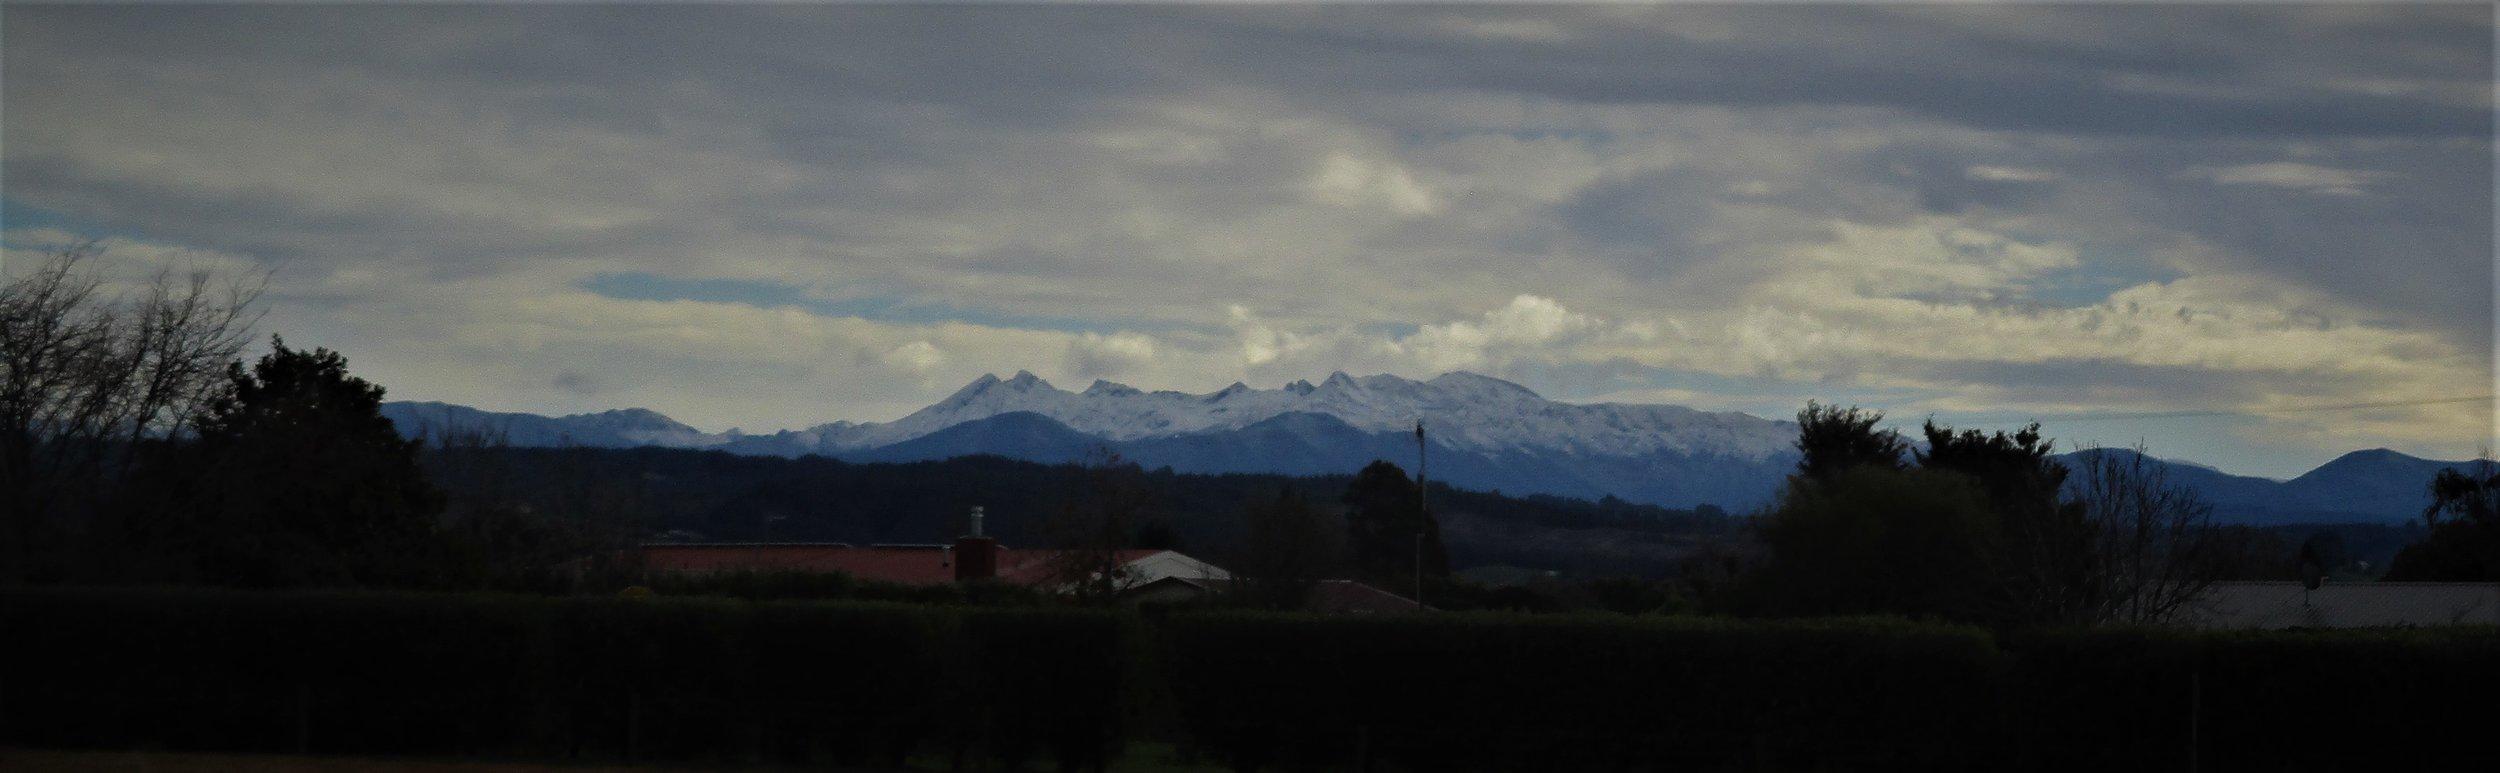 Winter on the Arthur range.